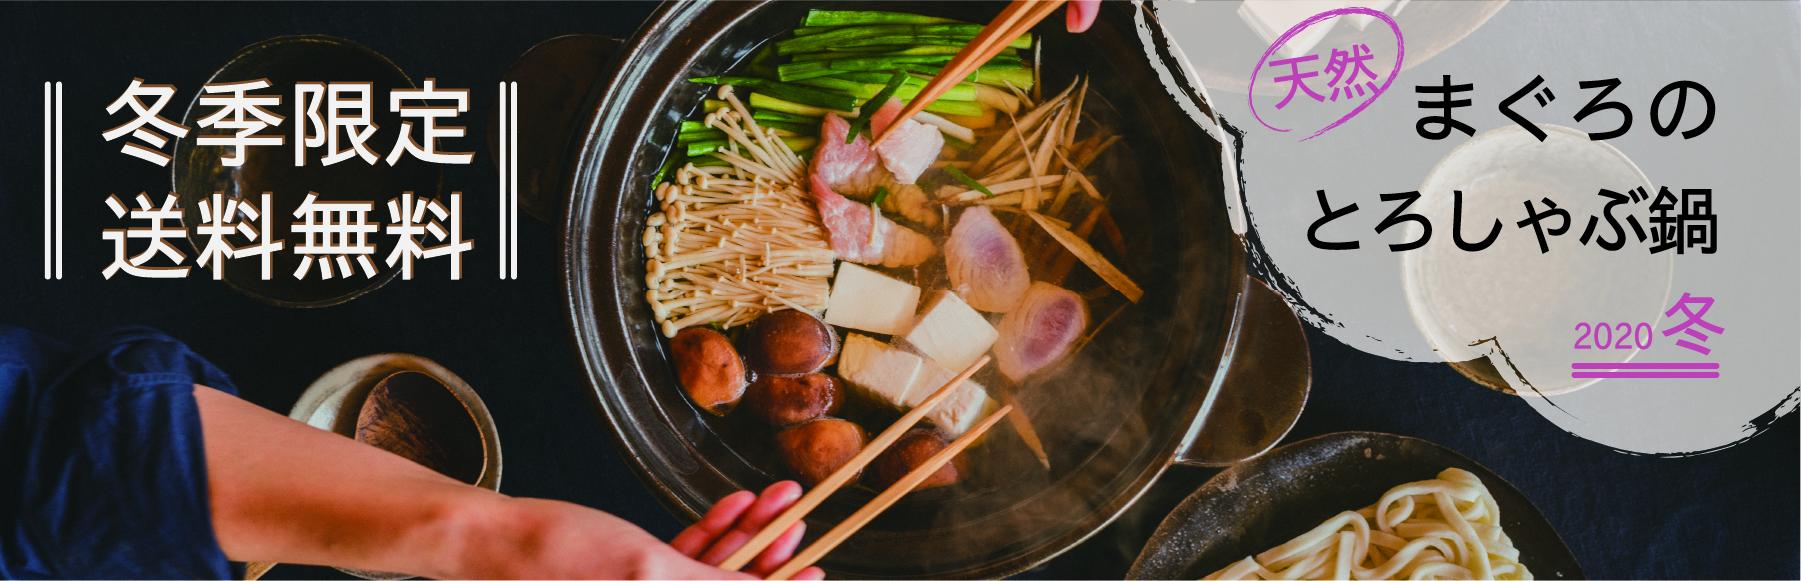 冬季限定送料無料 マグロのとろしゃぶ鍋